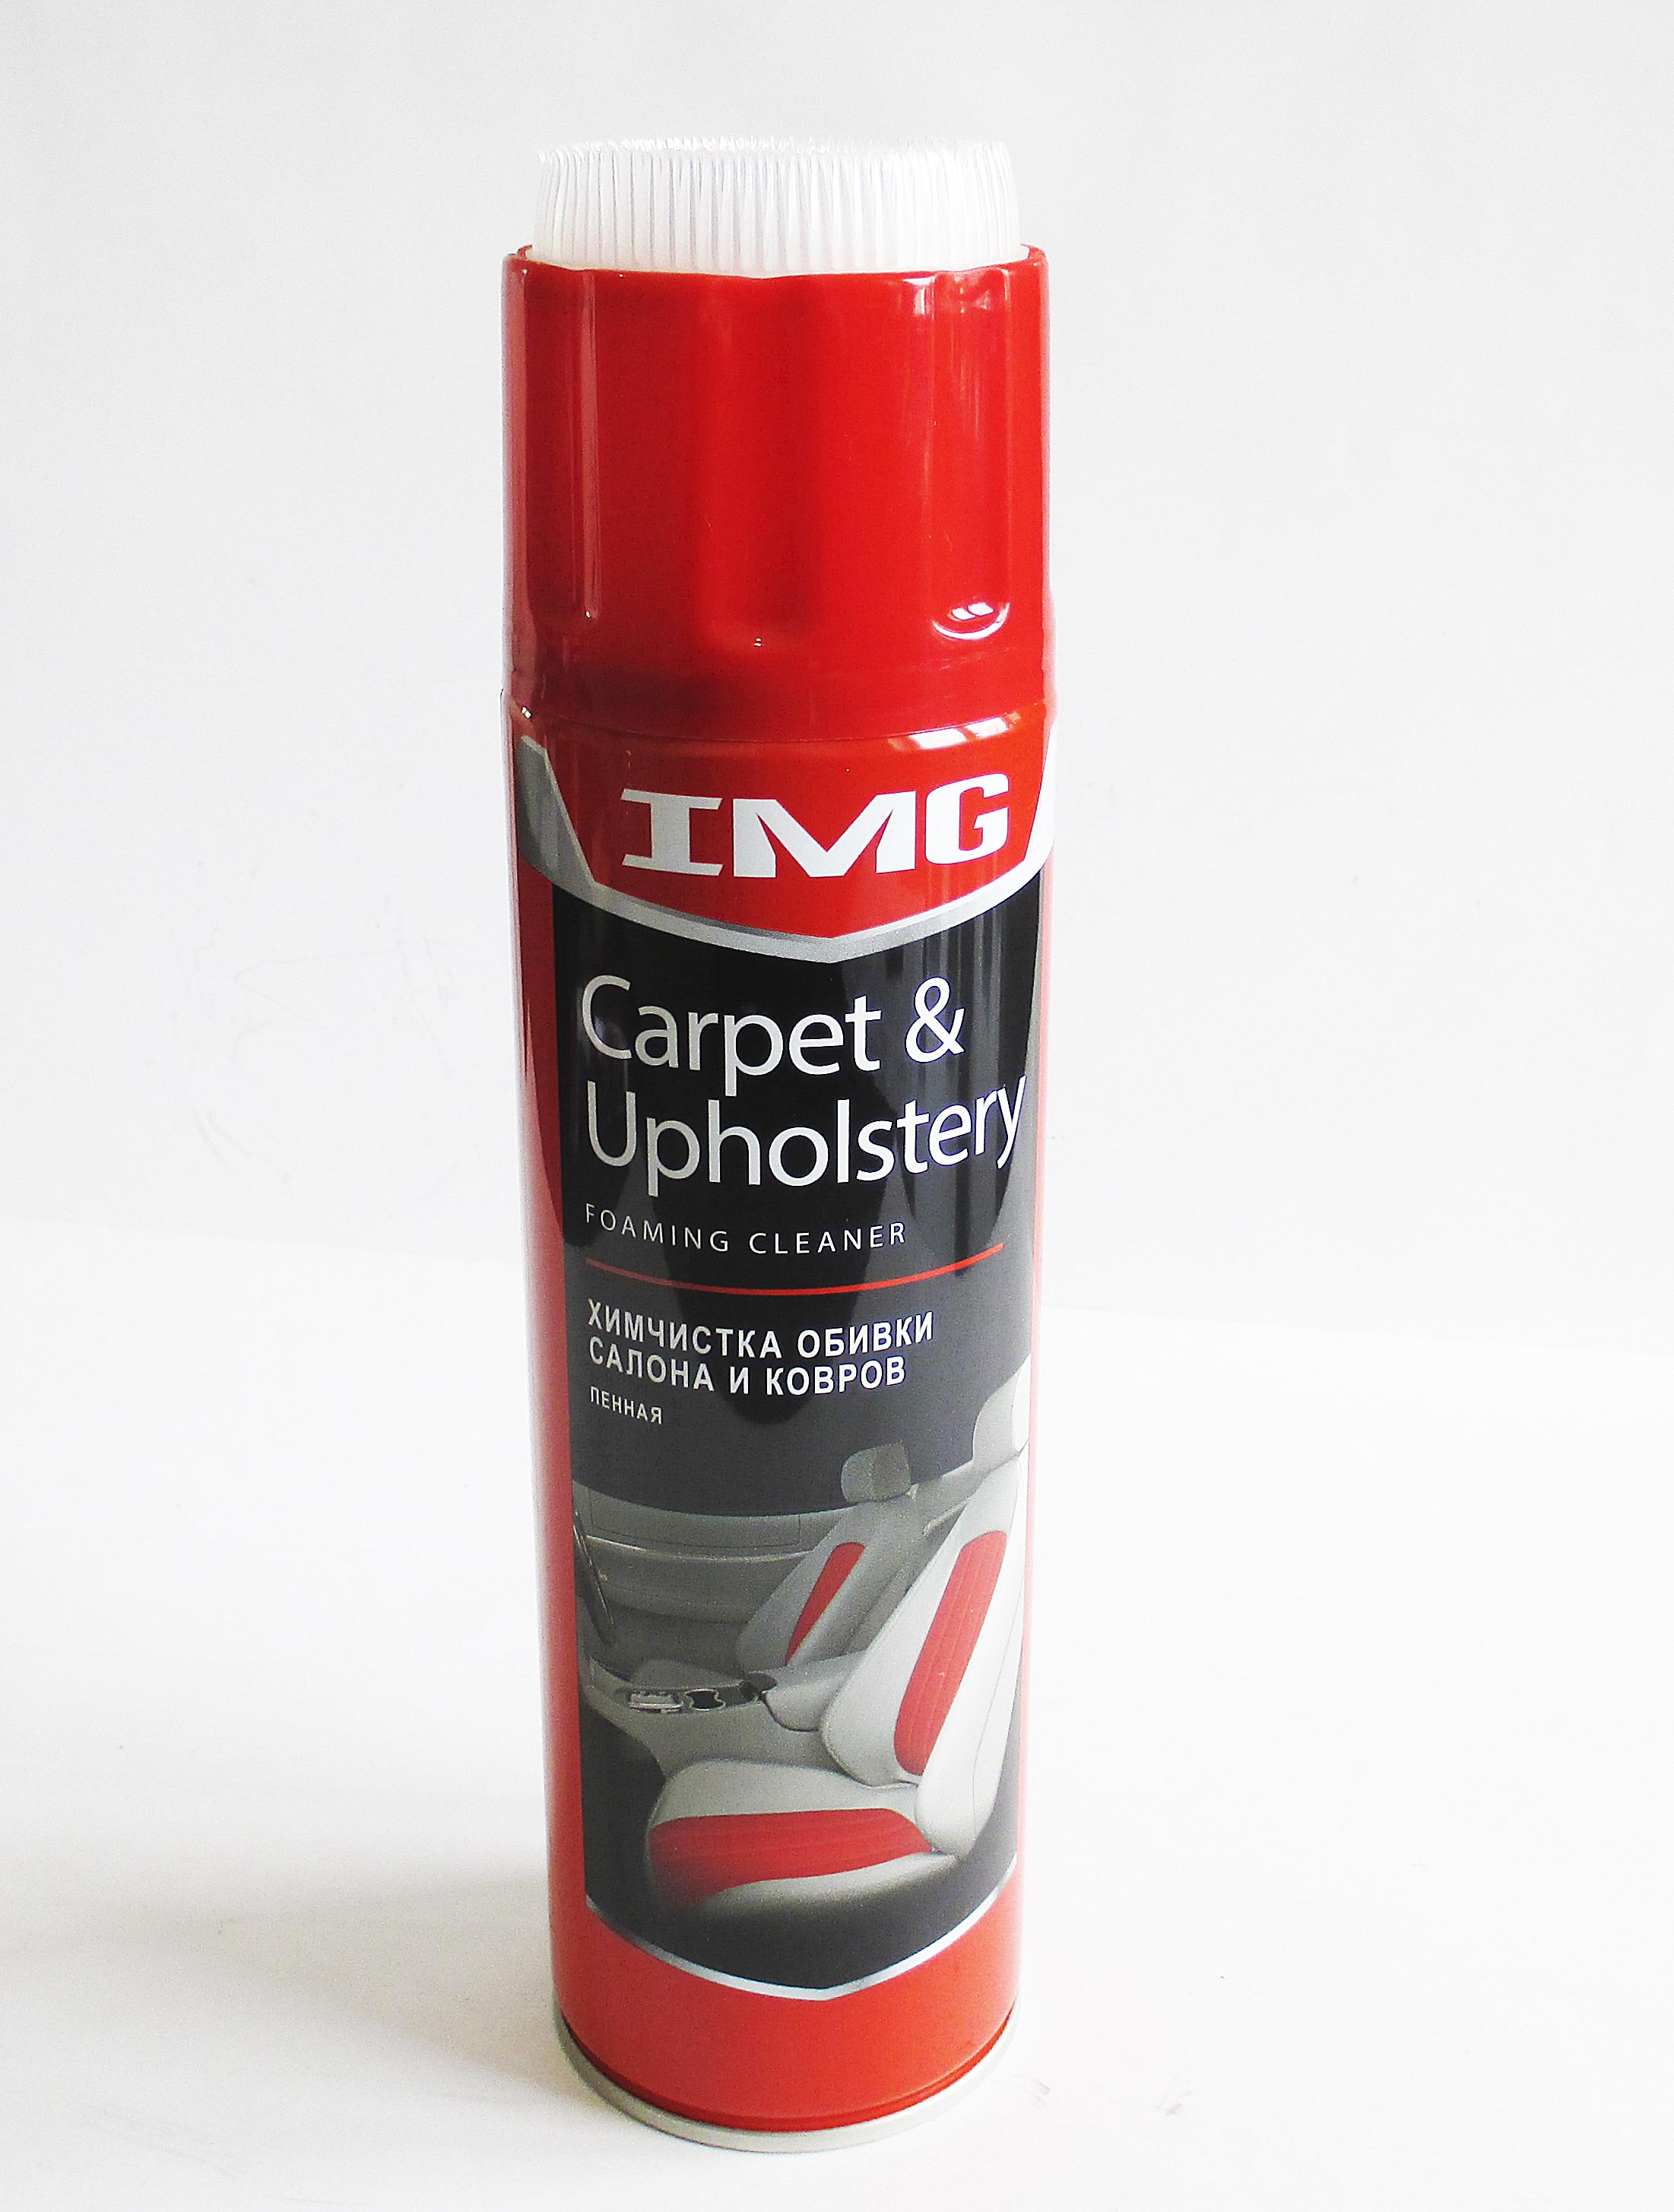 IMG - Очиститель обивки салона и ковров пенная с щеткой 650мл аэрозоль СУХАЯ ХИМЧИСТКА  MG204